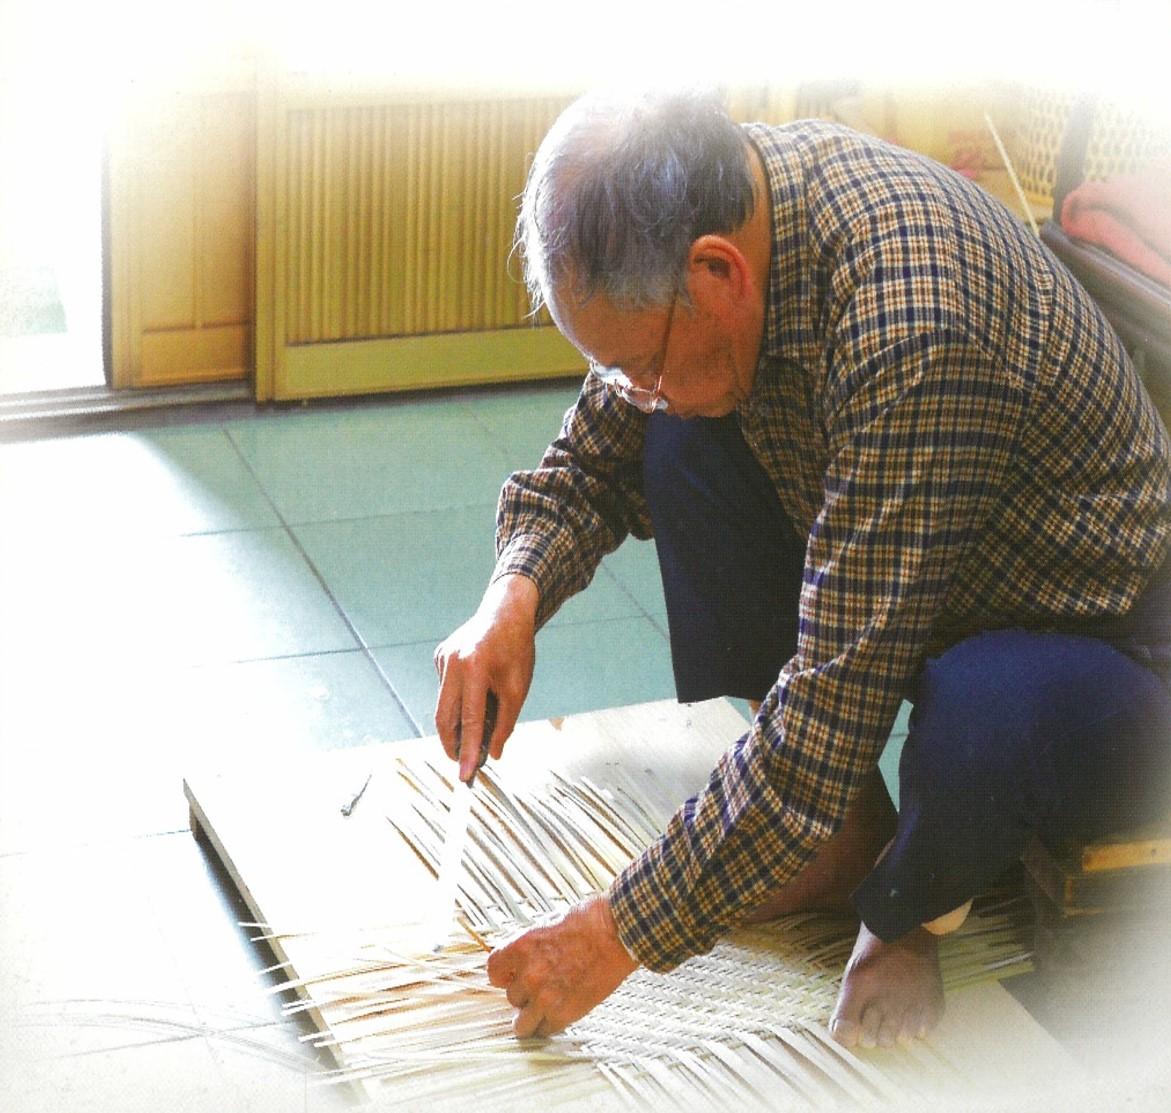 以竹編憶少年時 張棟樑盼傳統工藝再延續